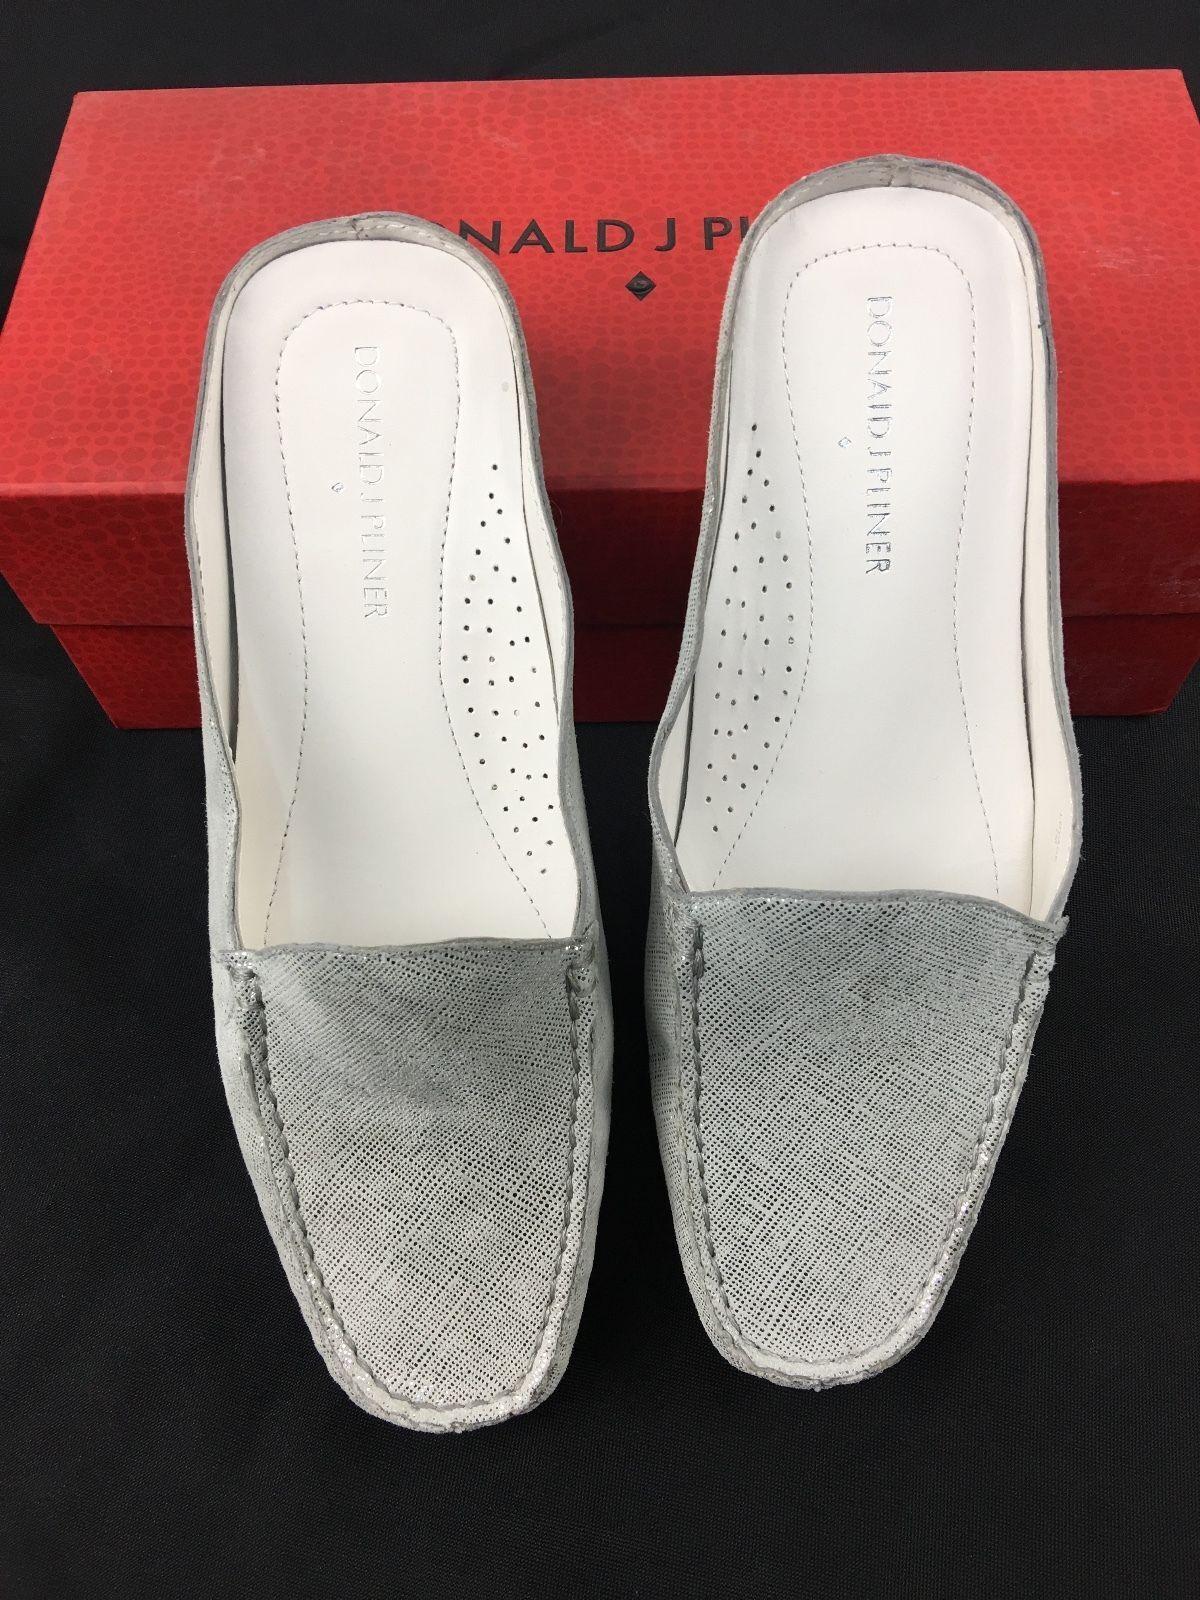 188.88 Donald J. Loafer Pliner Lovage Foam Vintage Metallic Leder Loafer J. Mule 6.5 4d928c